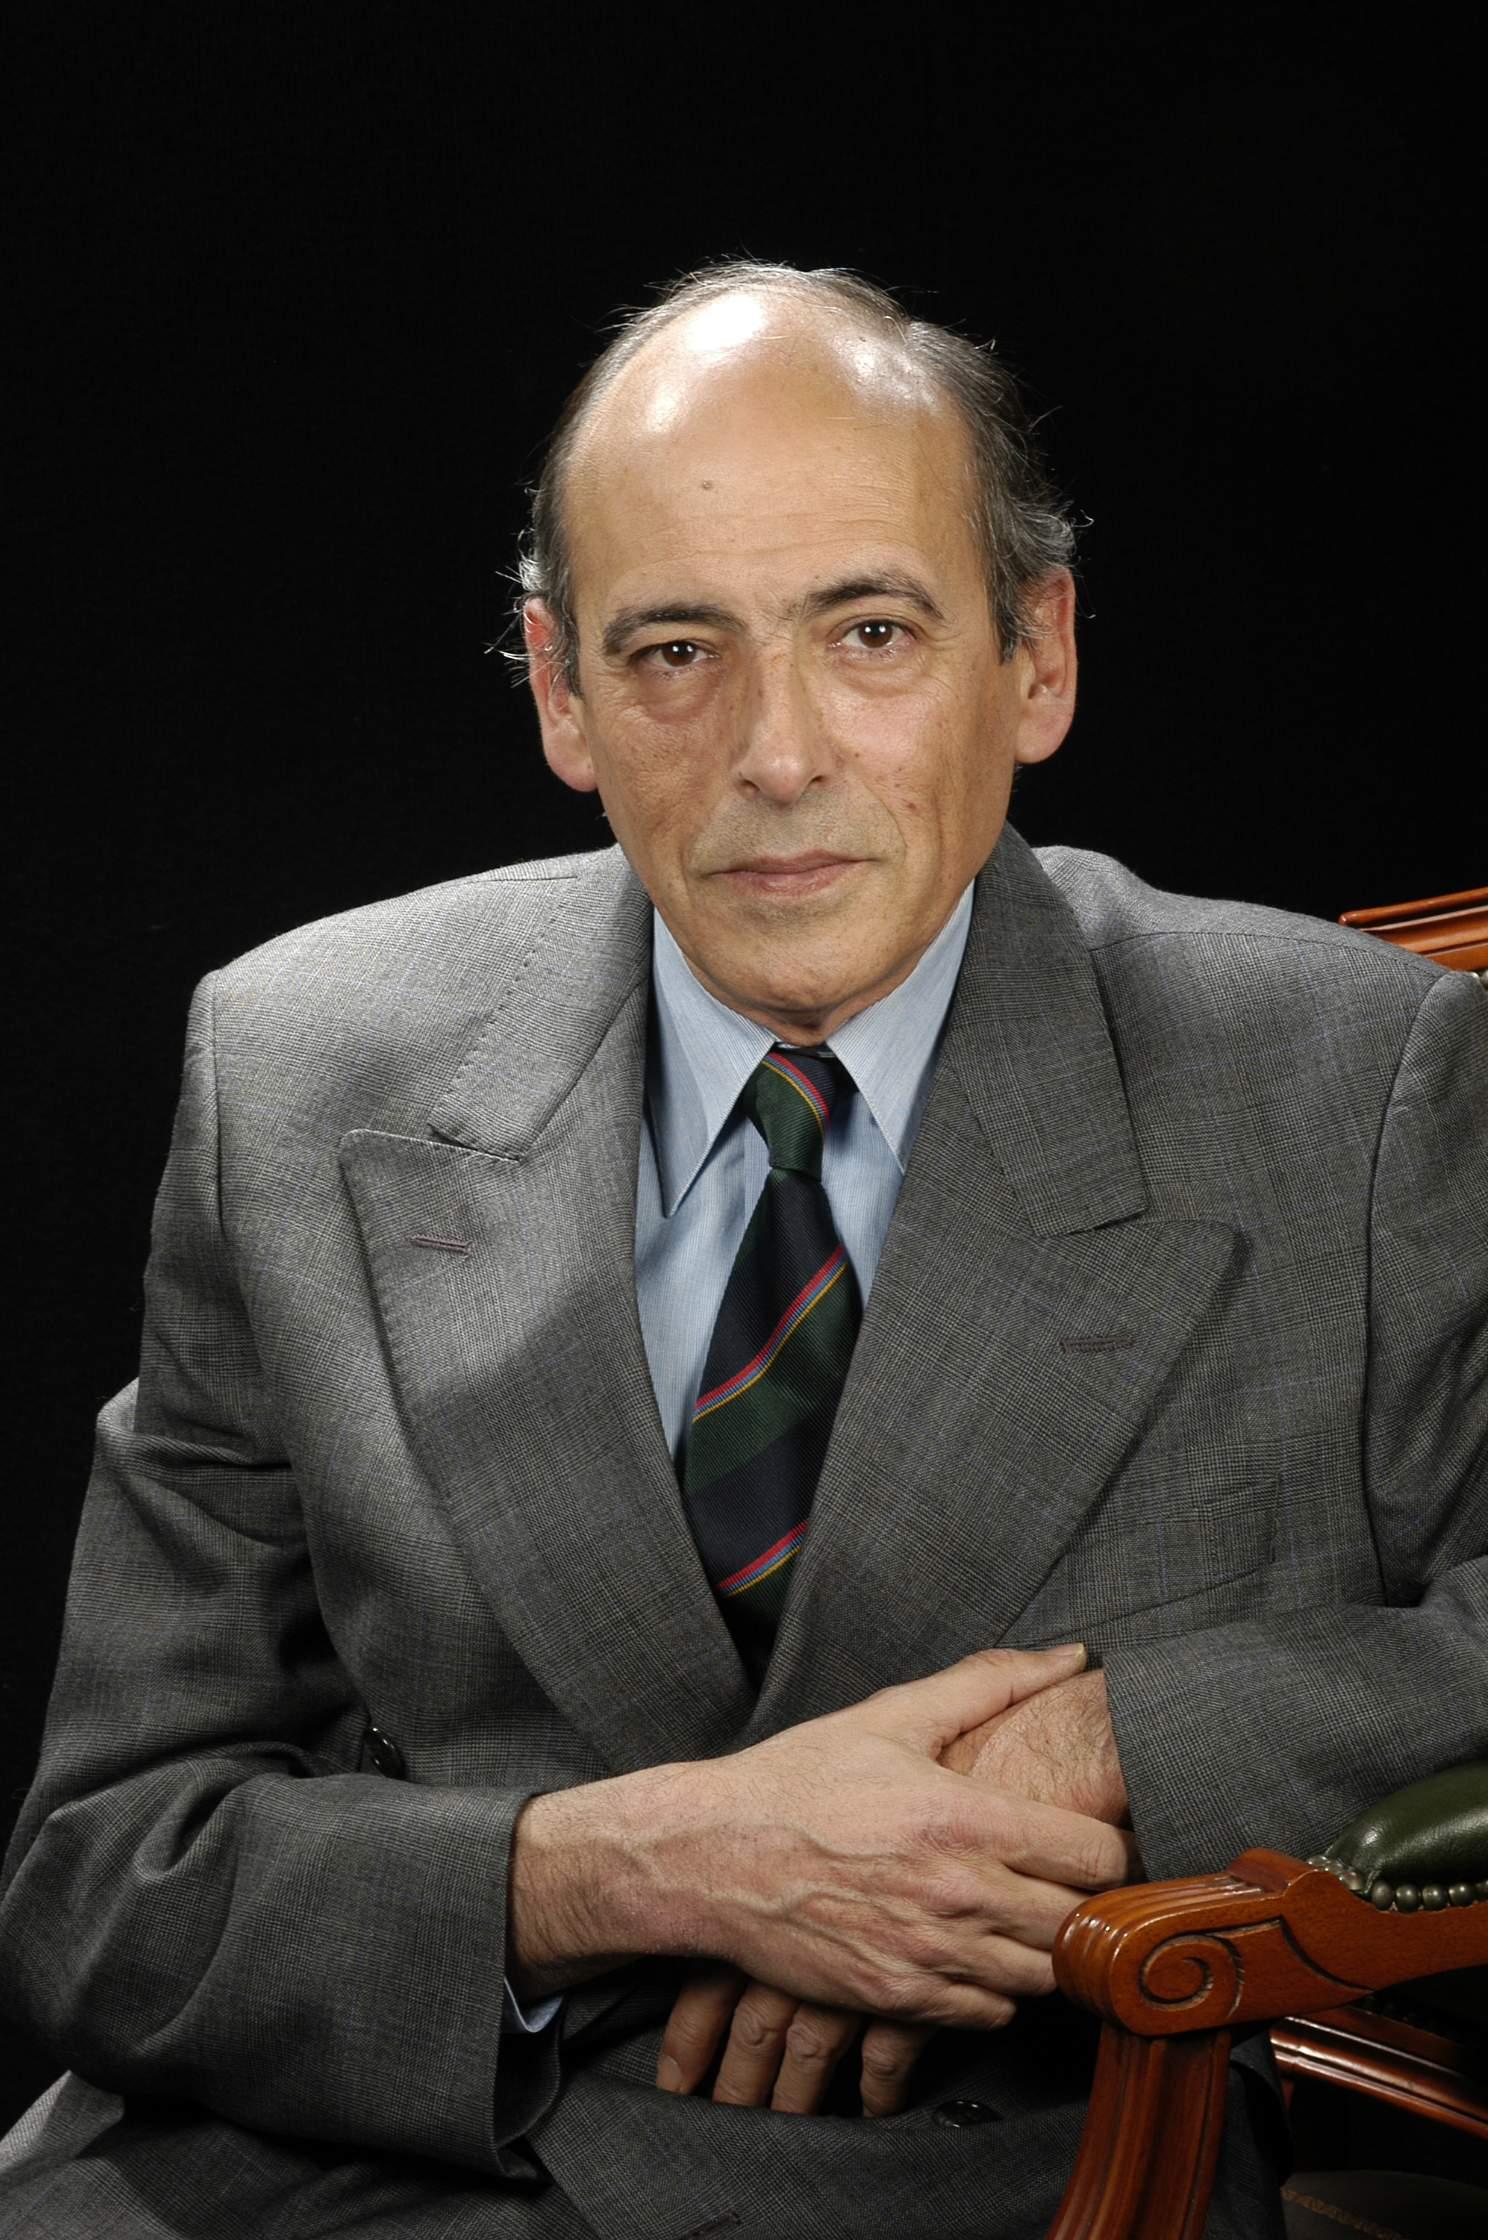 DR. AGUSTÍN LÓPEZ NÚÑEZ